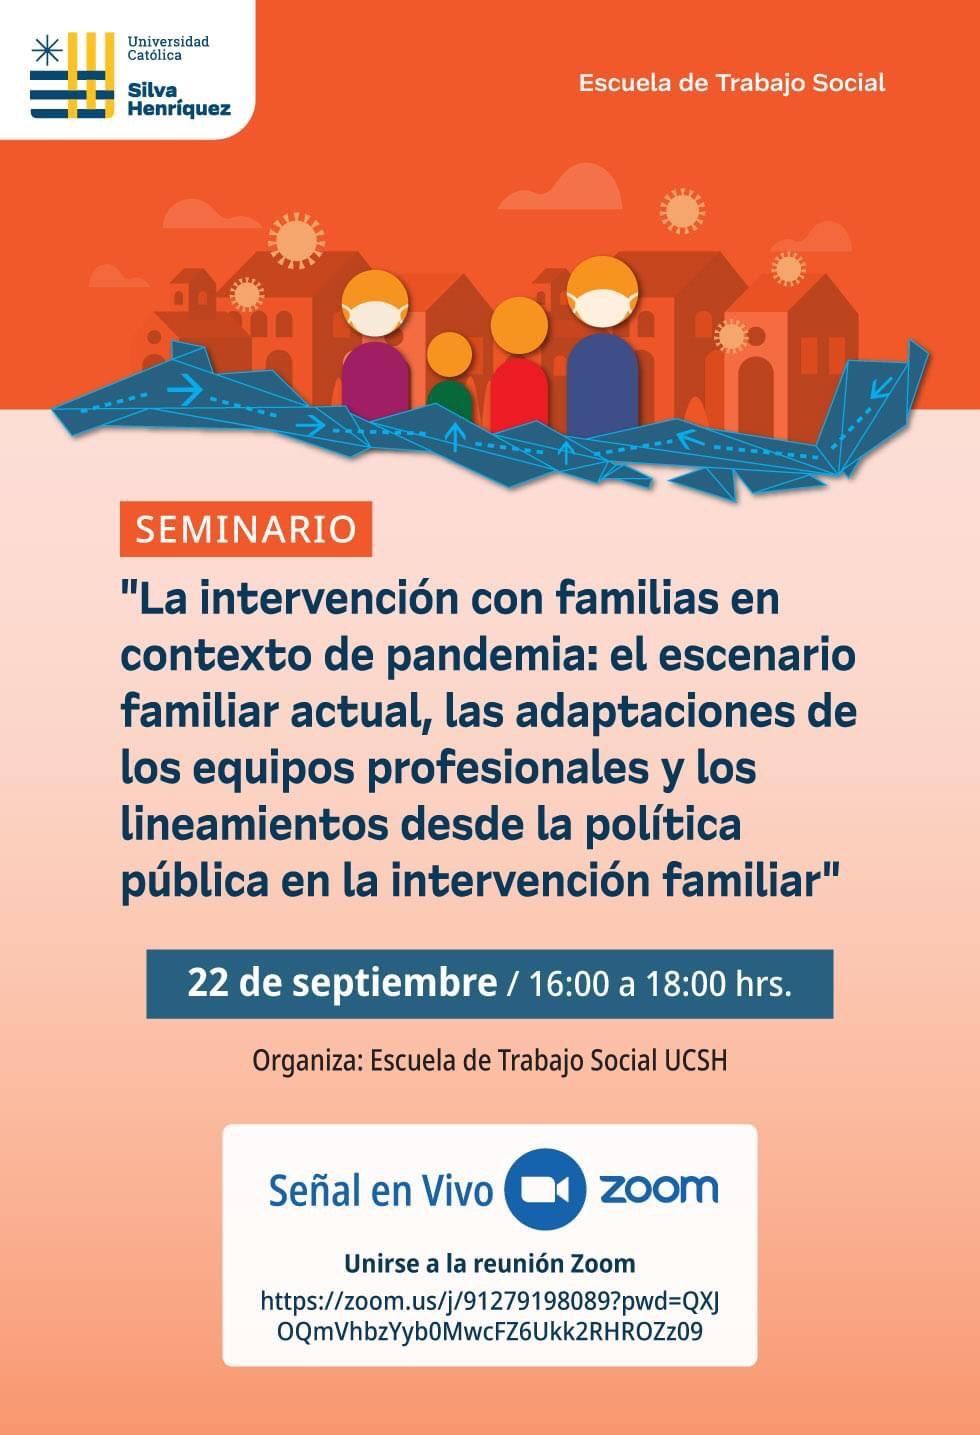 Escuela de Trabajo Social, Universidad Católica Silva Henríquez